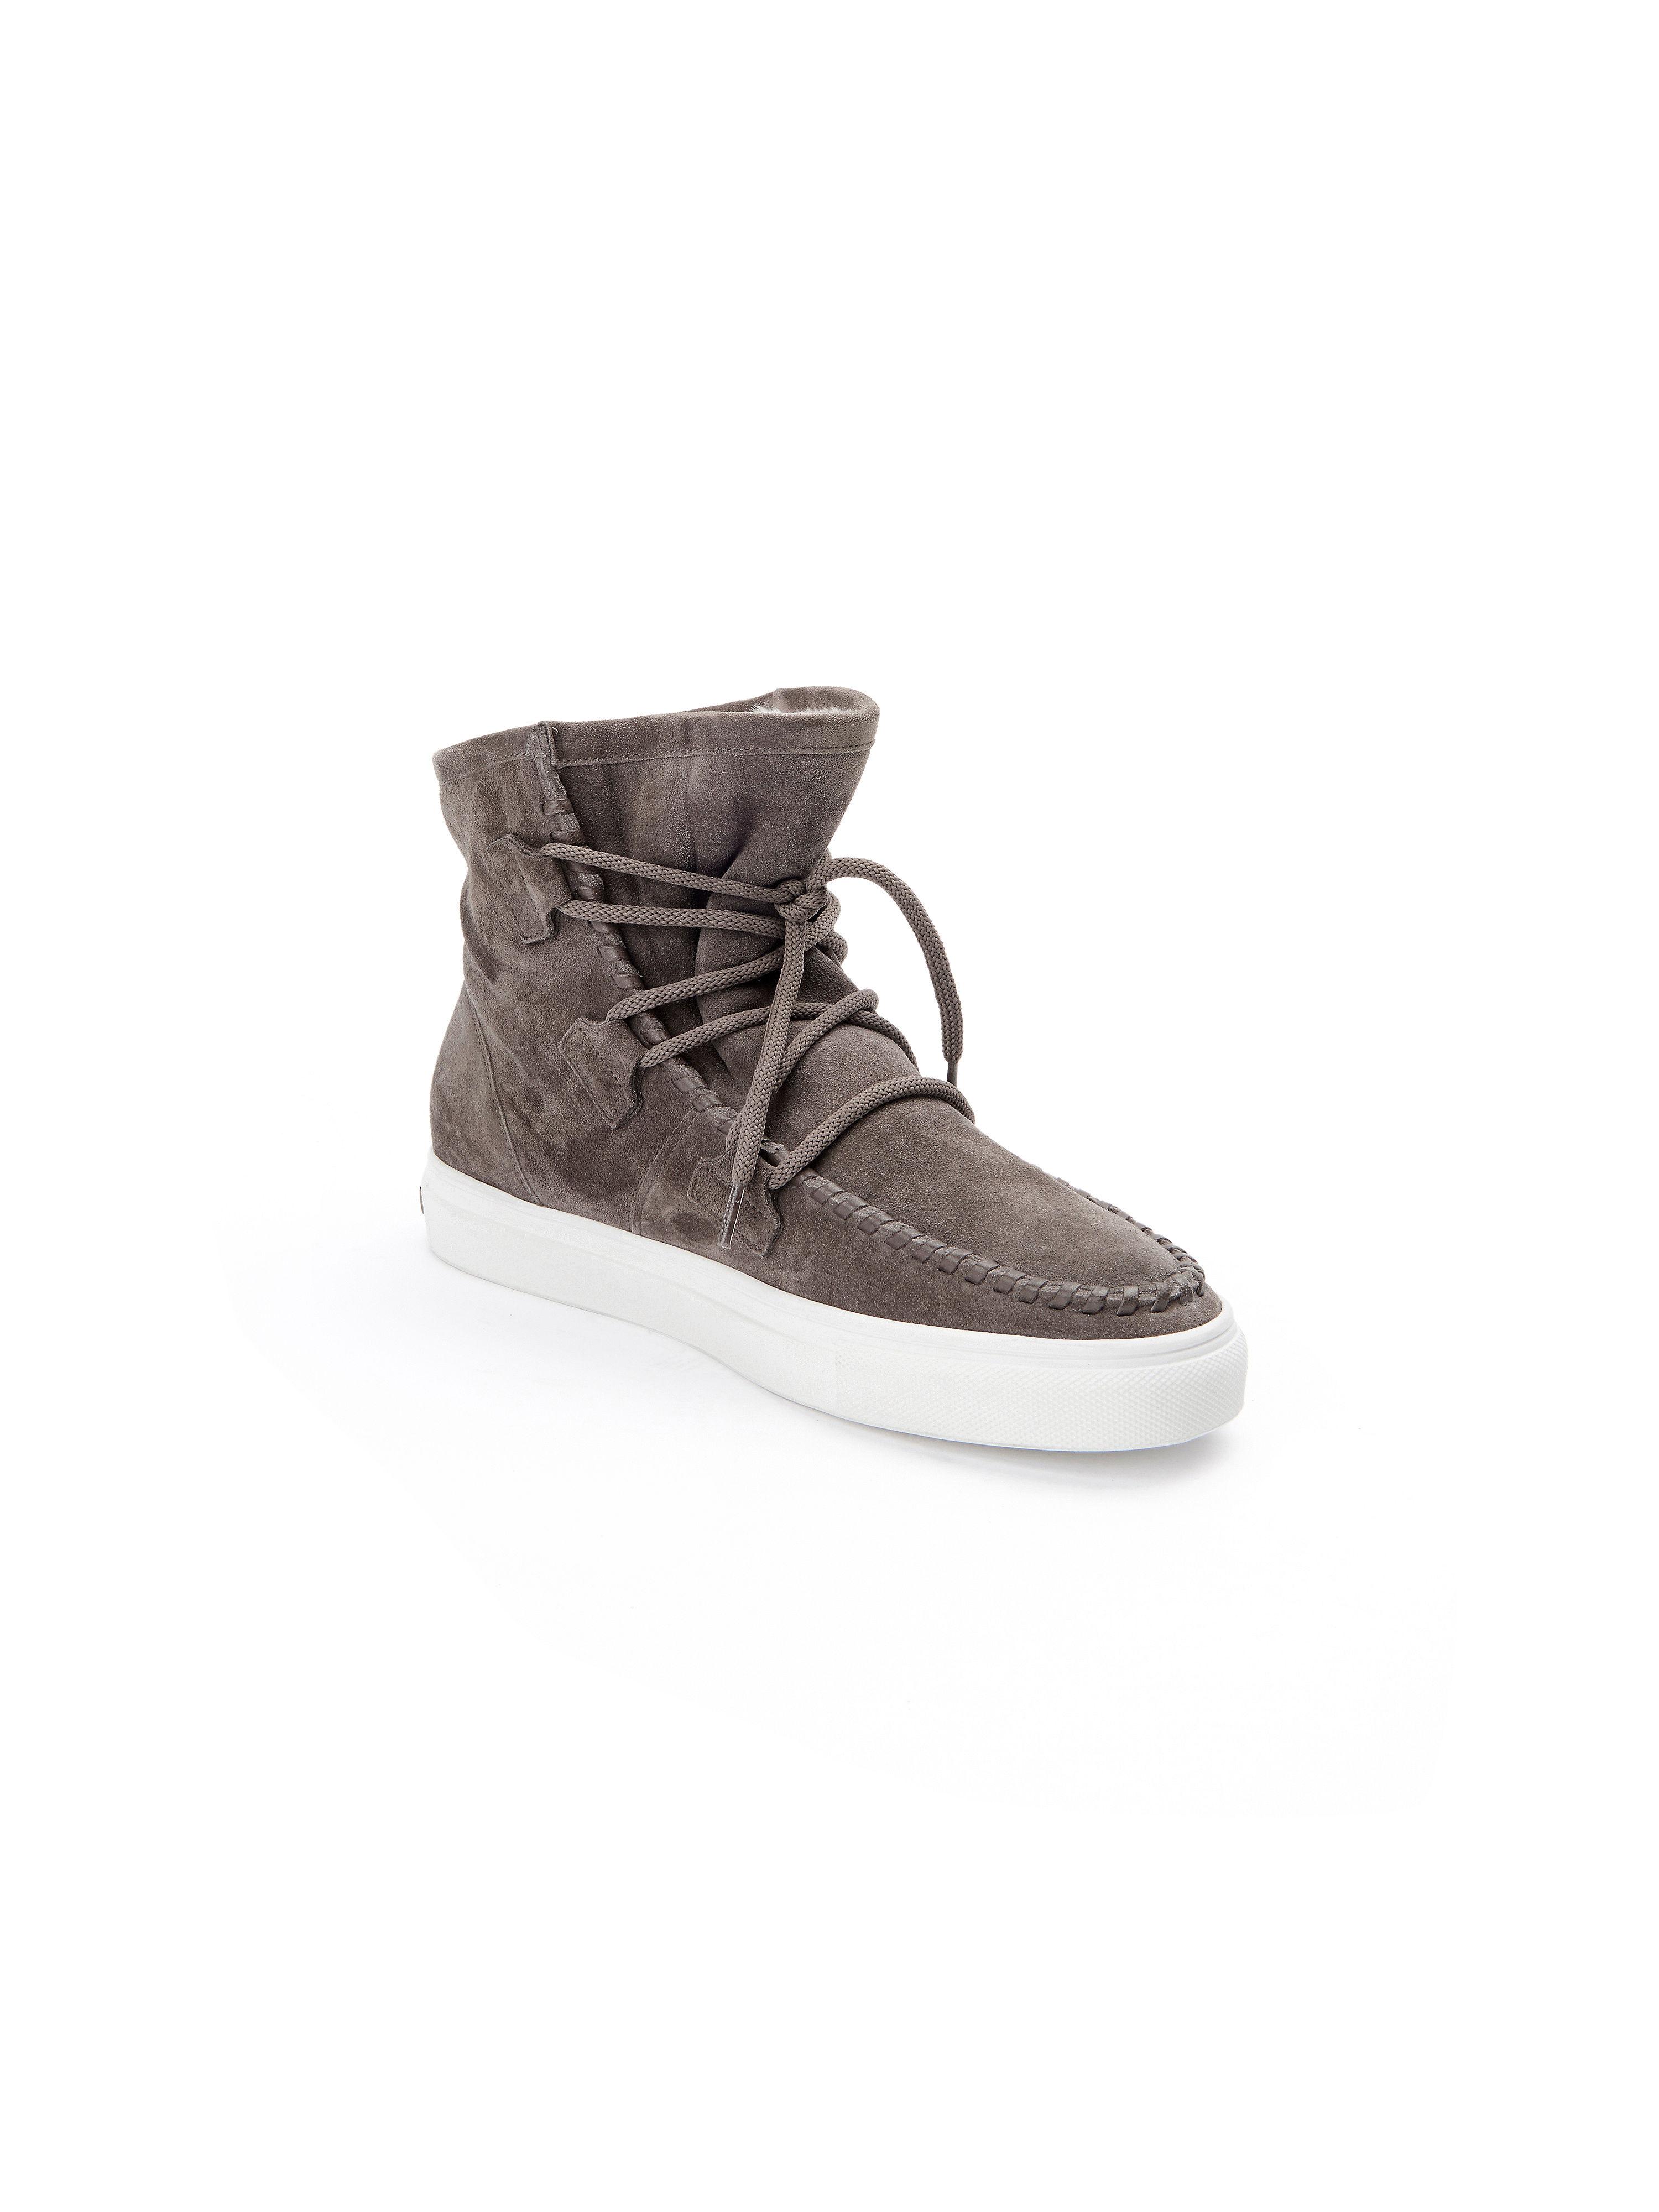 """Kennel & Schmenger - Stiefelette """"Basket"""" - Dunkeltaupe Gute Qualität beliebte Schuhe"""